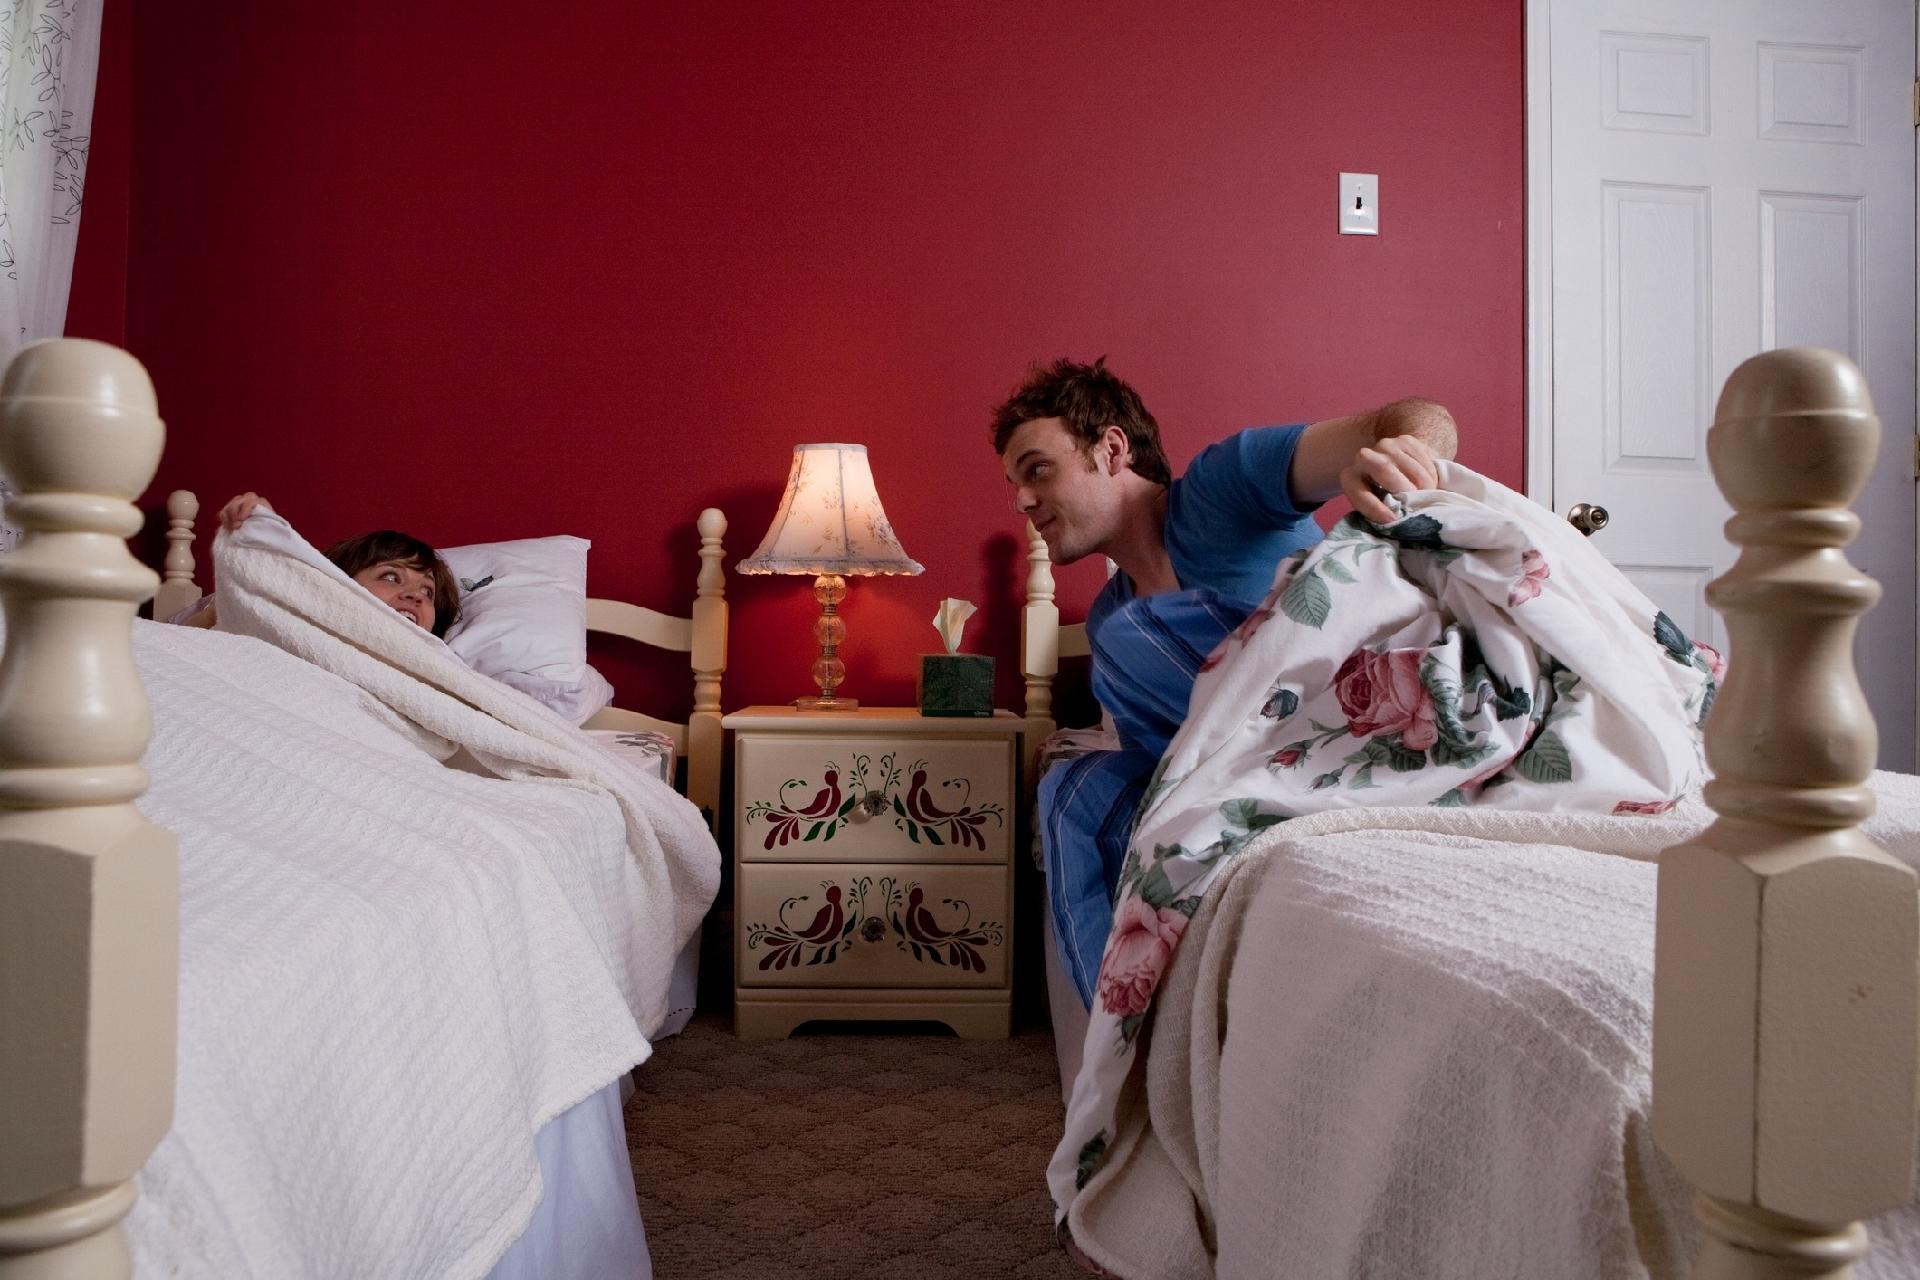 3097c51ef4 É possível ser feliz a dois dormindo em camas separadas  veja relatos -  07 03 2019 - UOL Universa